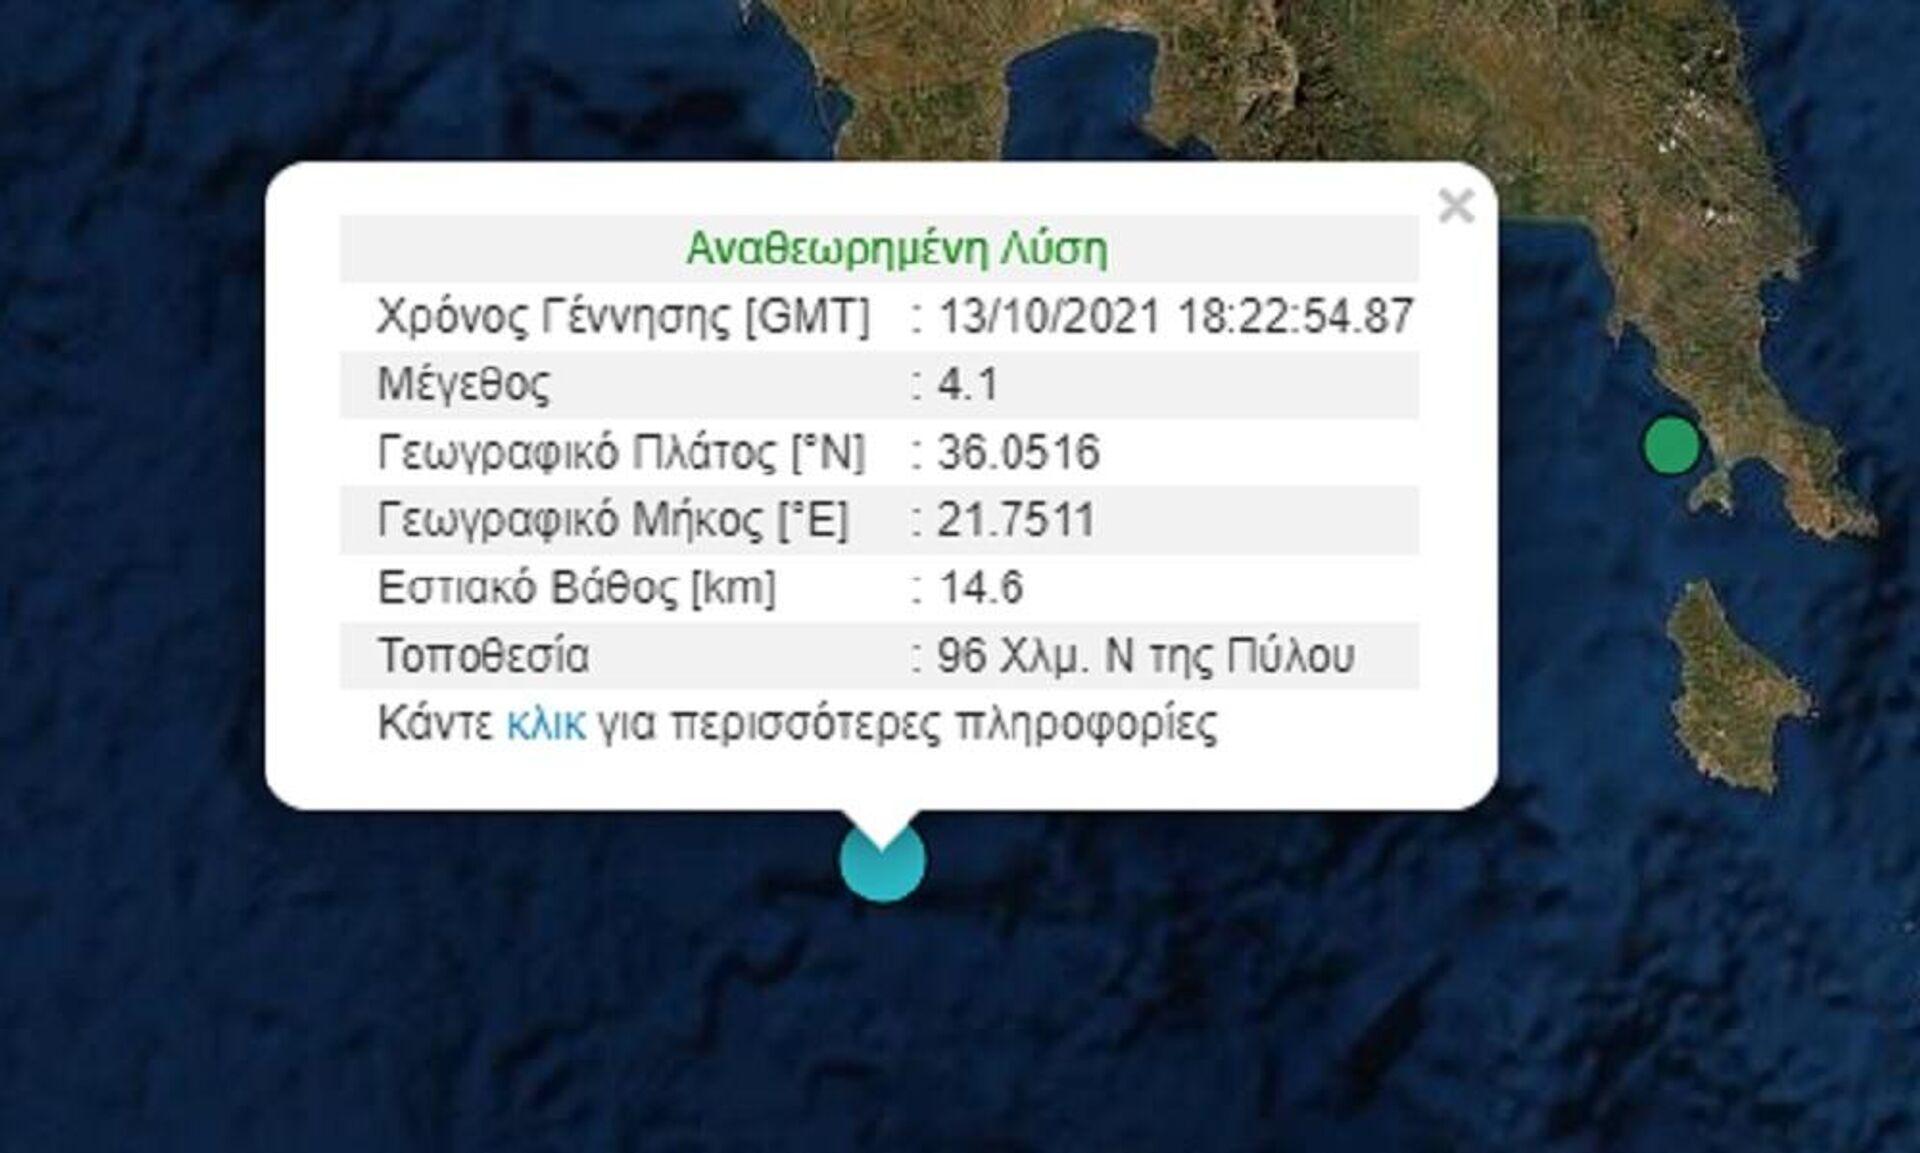 Σεισμός στην Πύλο - Sputnik Ελλάδα, 1920, 13.10.2021